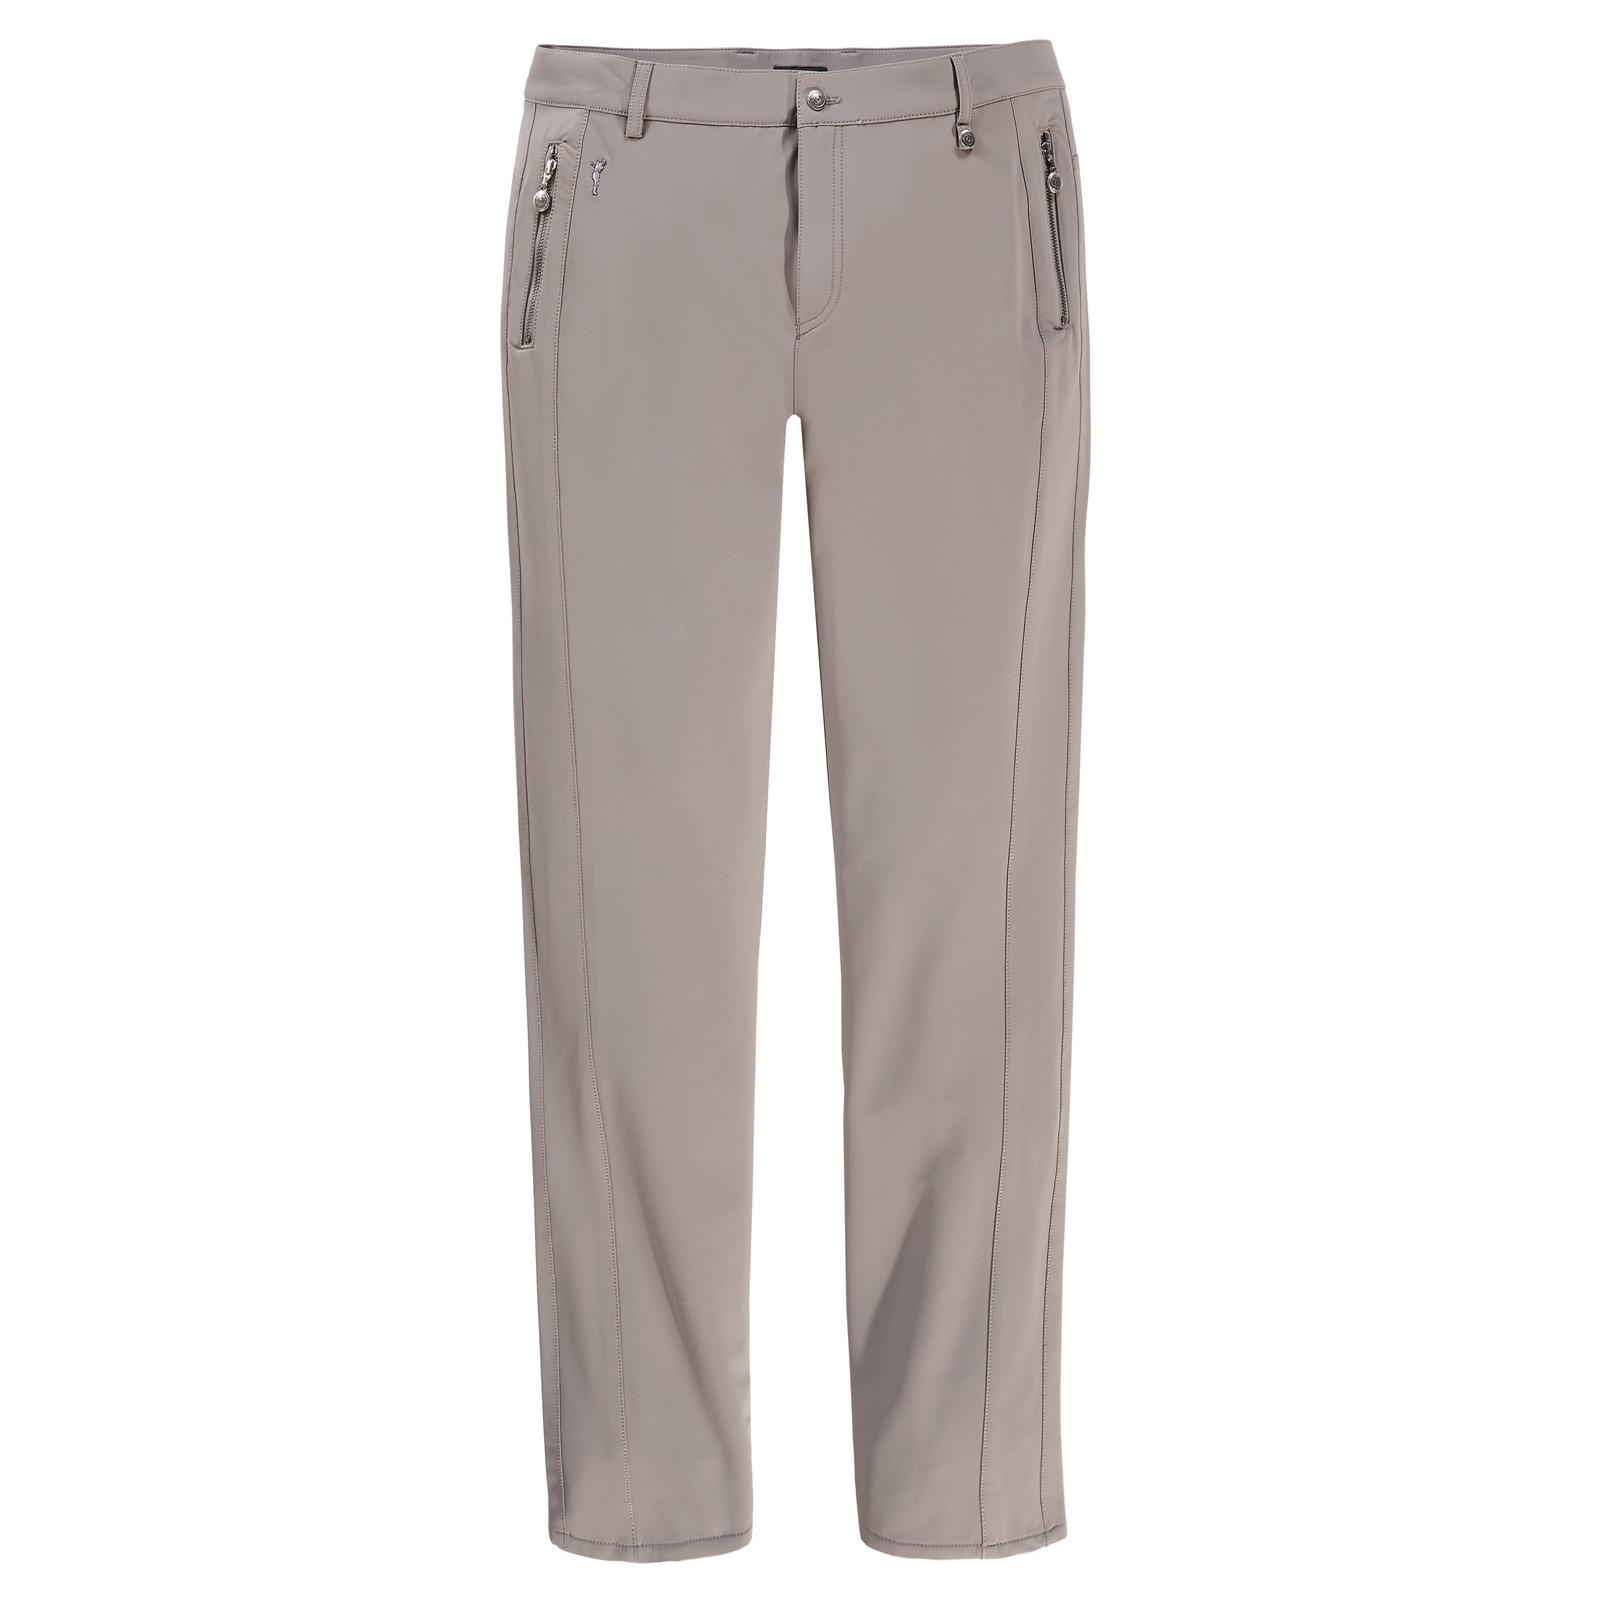 Damen 4-Way Stretch Hose